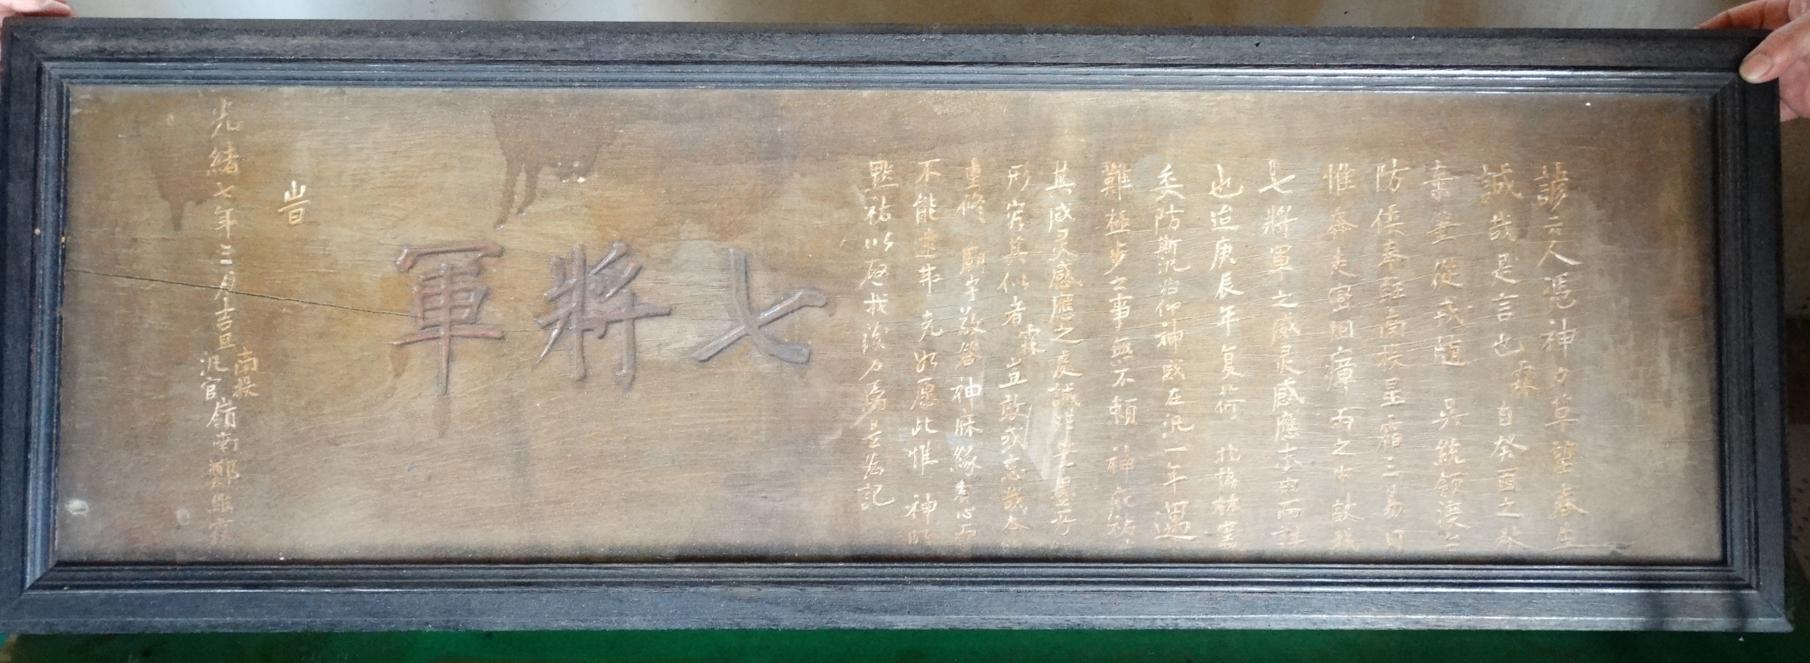 「七將軍」匾